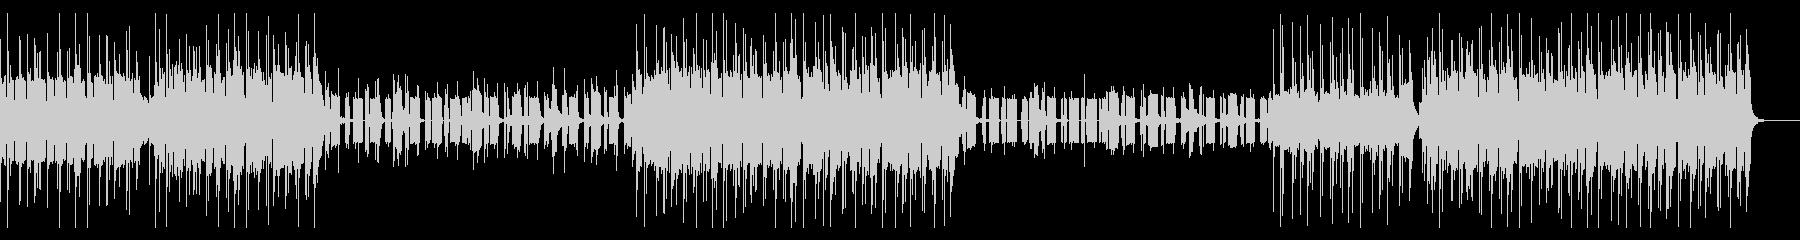 エレクトロとHip hopなビートの曲の未再生の波形